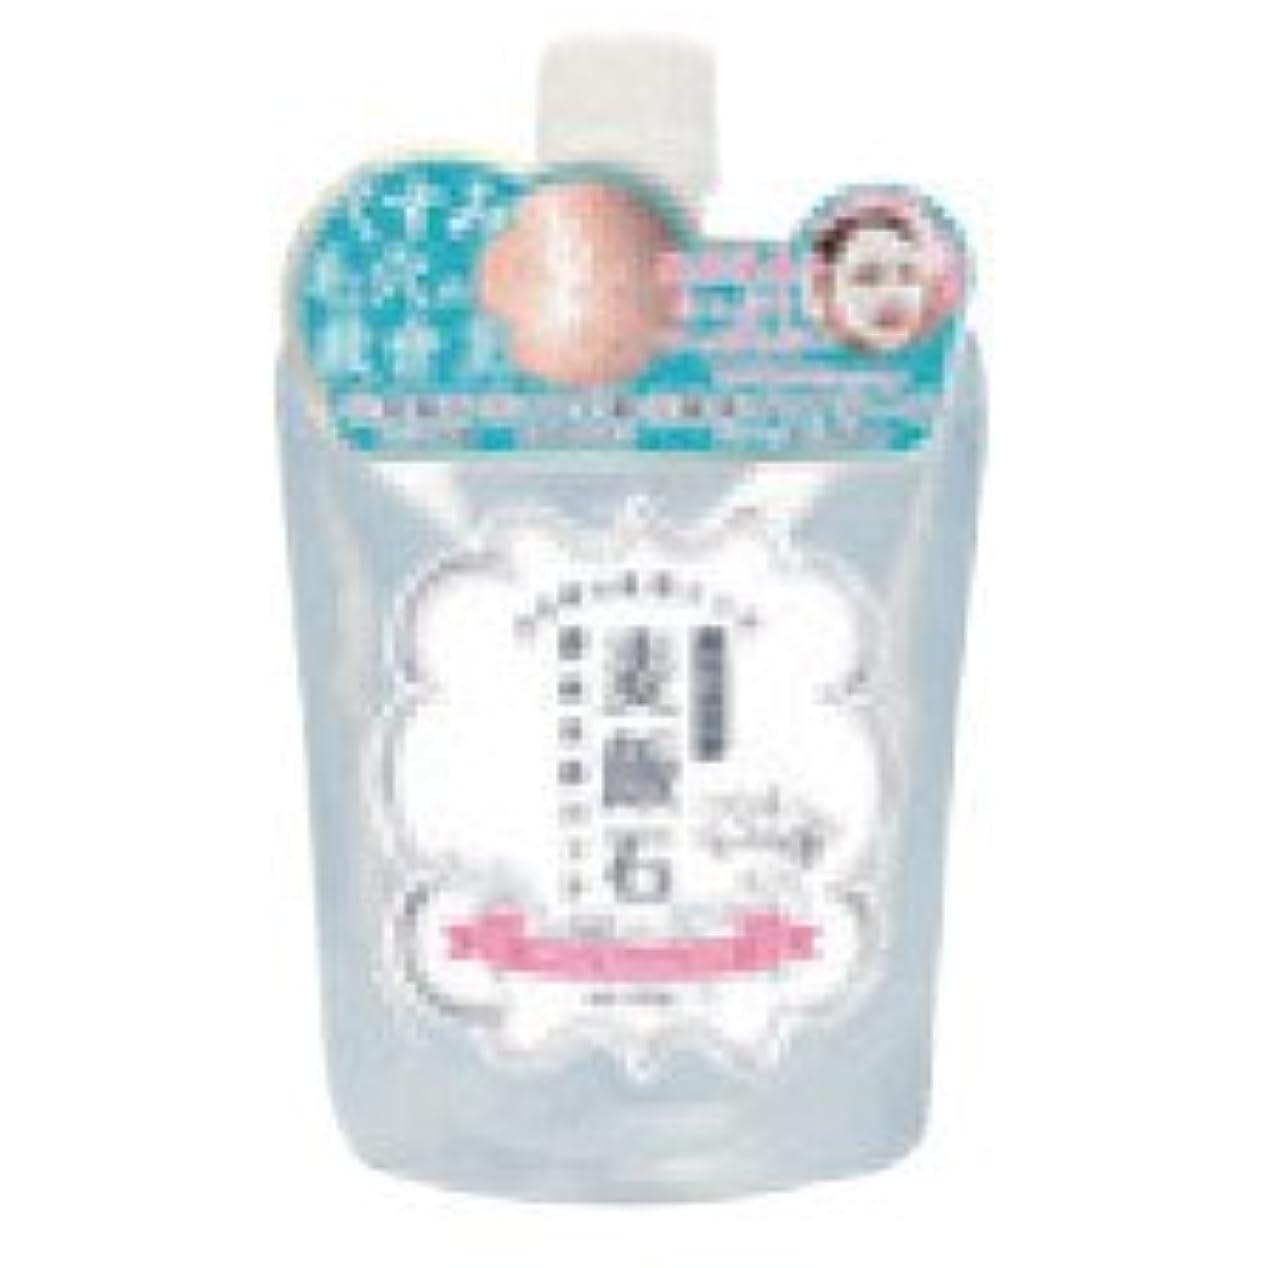 パイプ添加剤実現可能性ホワイトムースパック 美濃白川麦飯石酵素洗顔パック 100g 3個セット